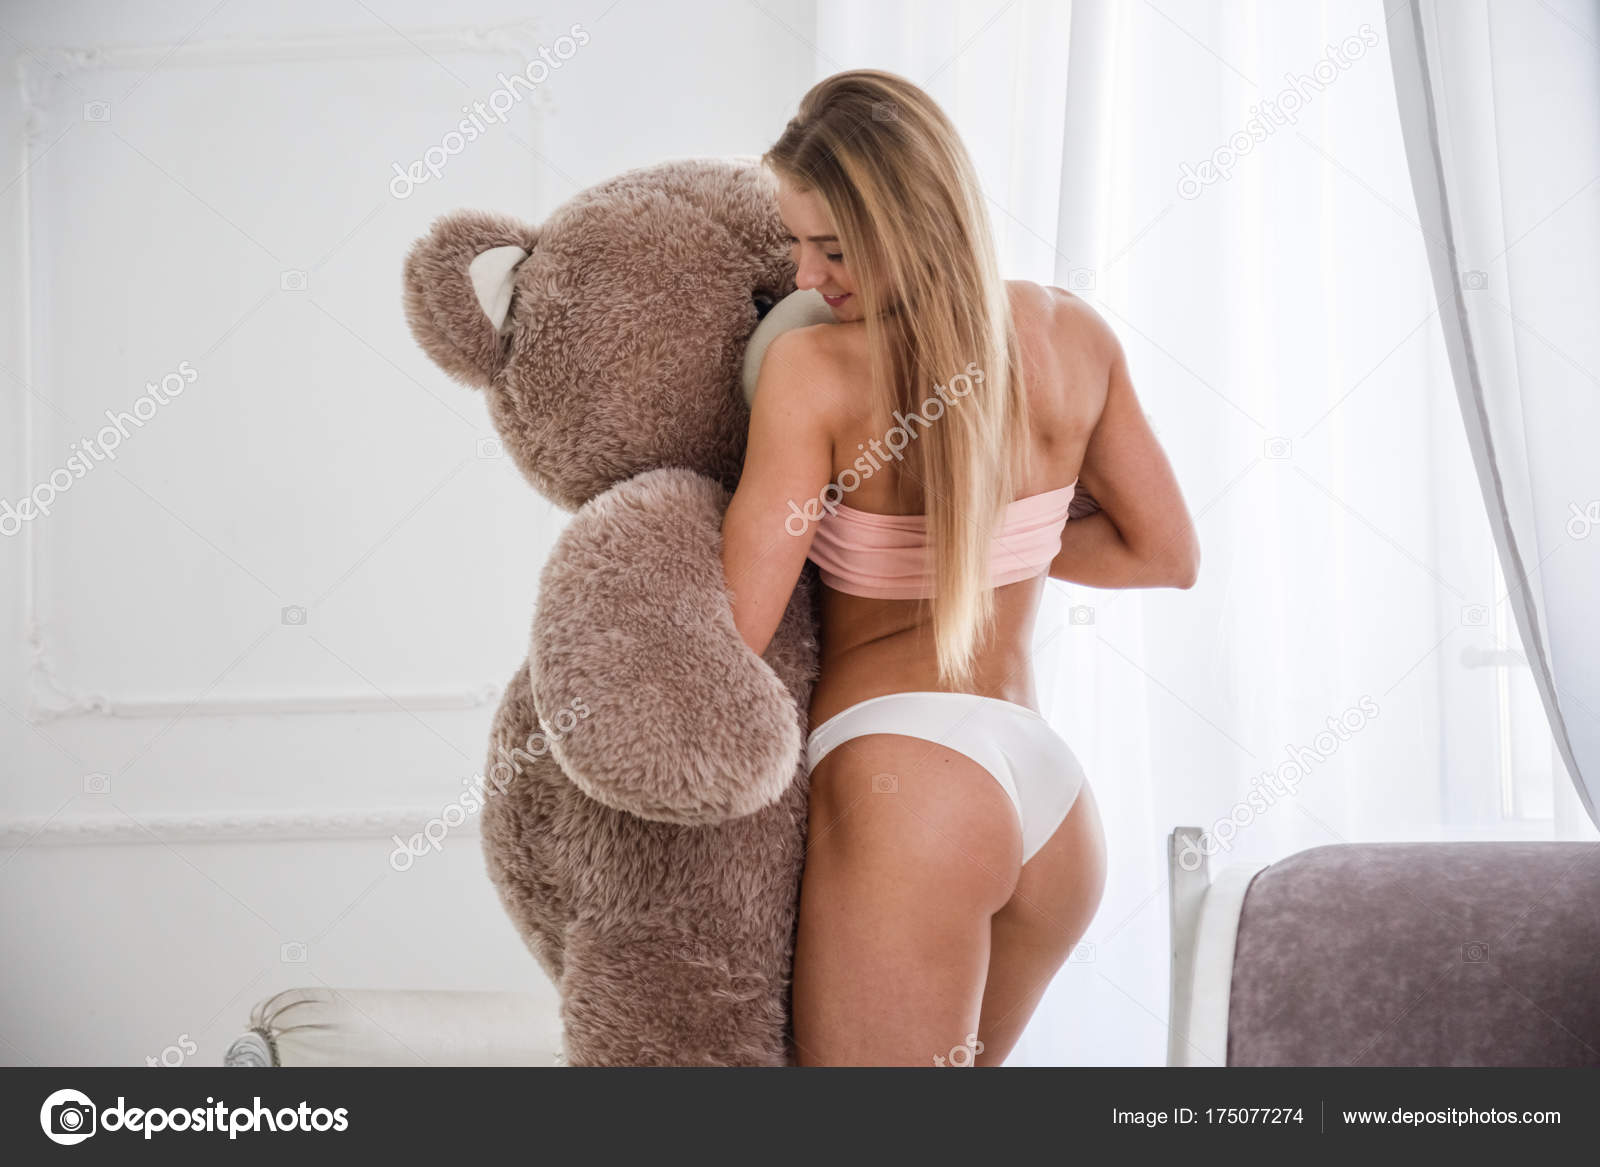 Naked girl stuffed bear porn full hd photos